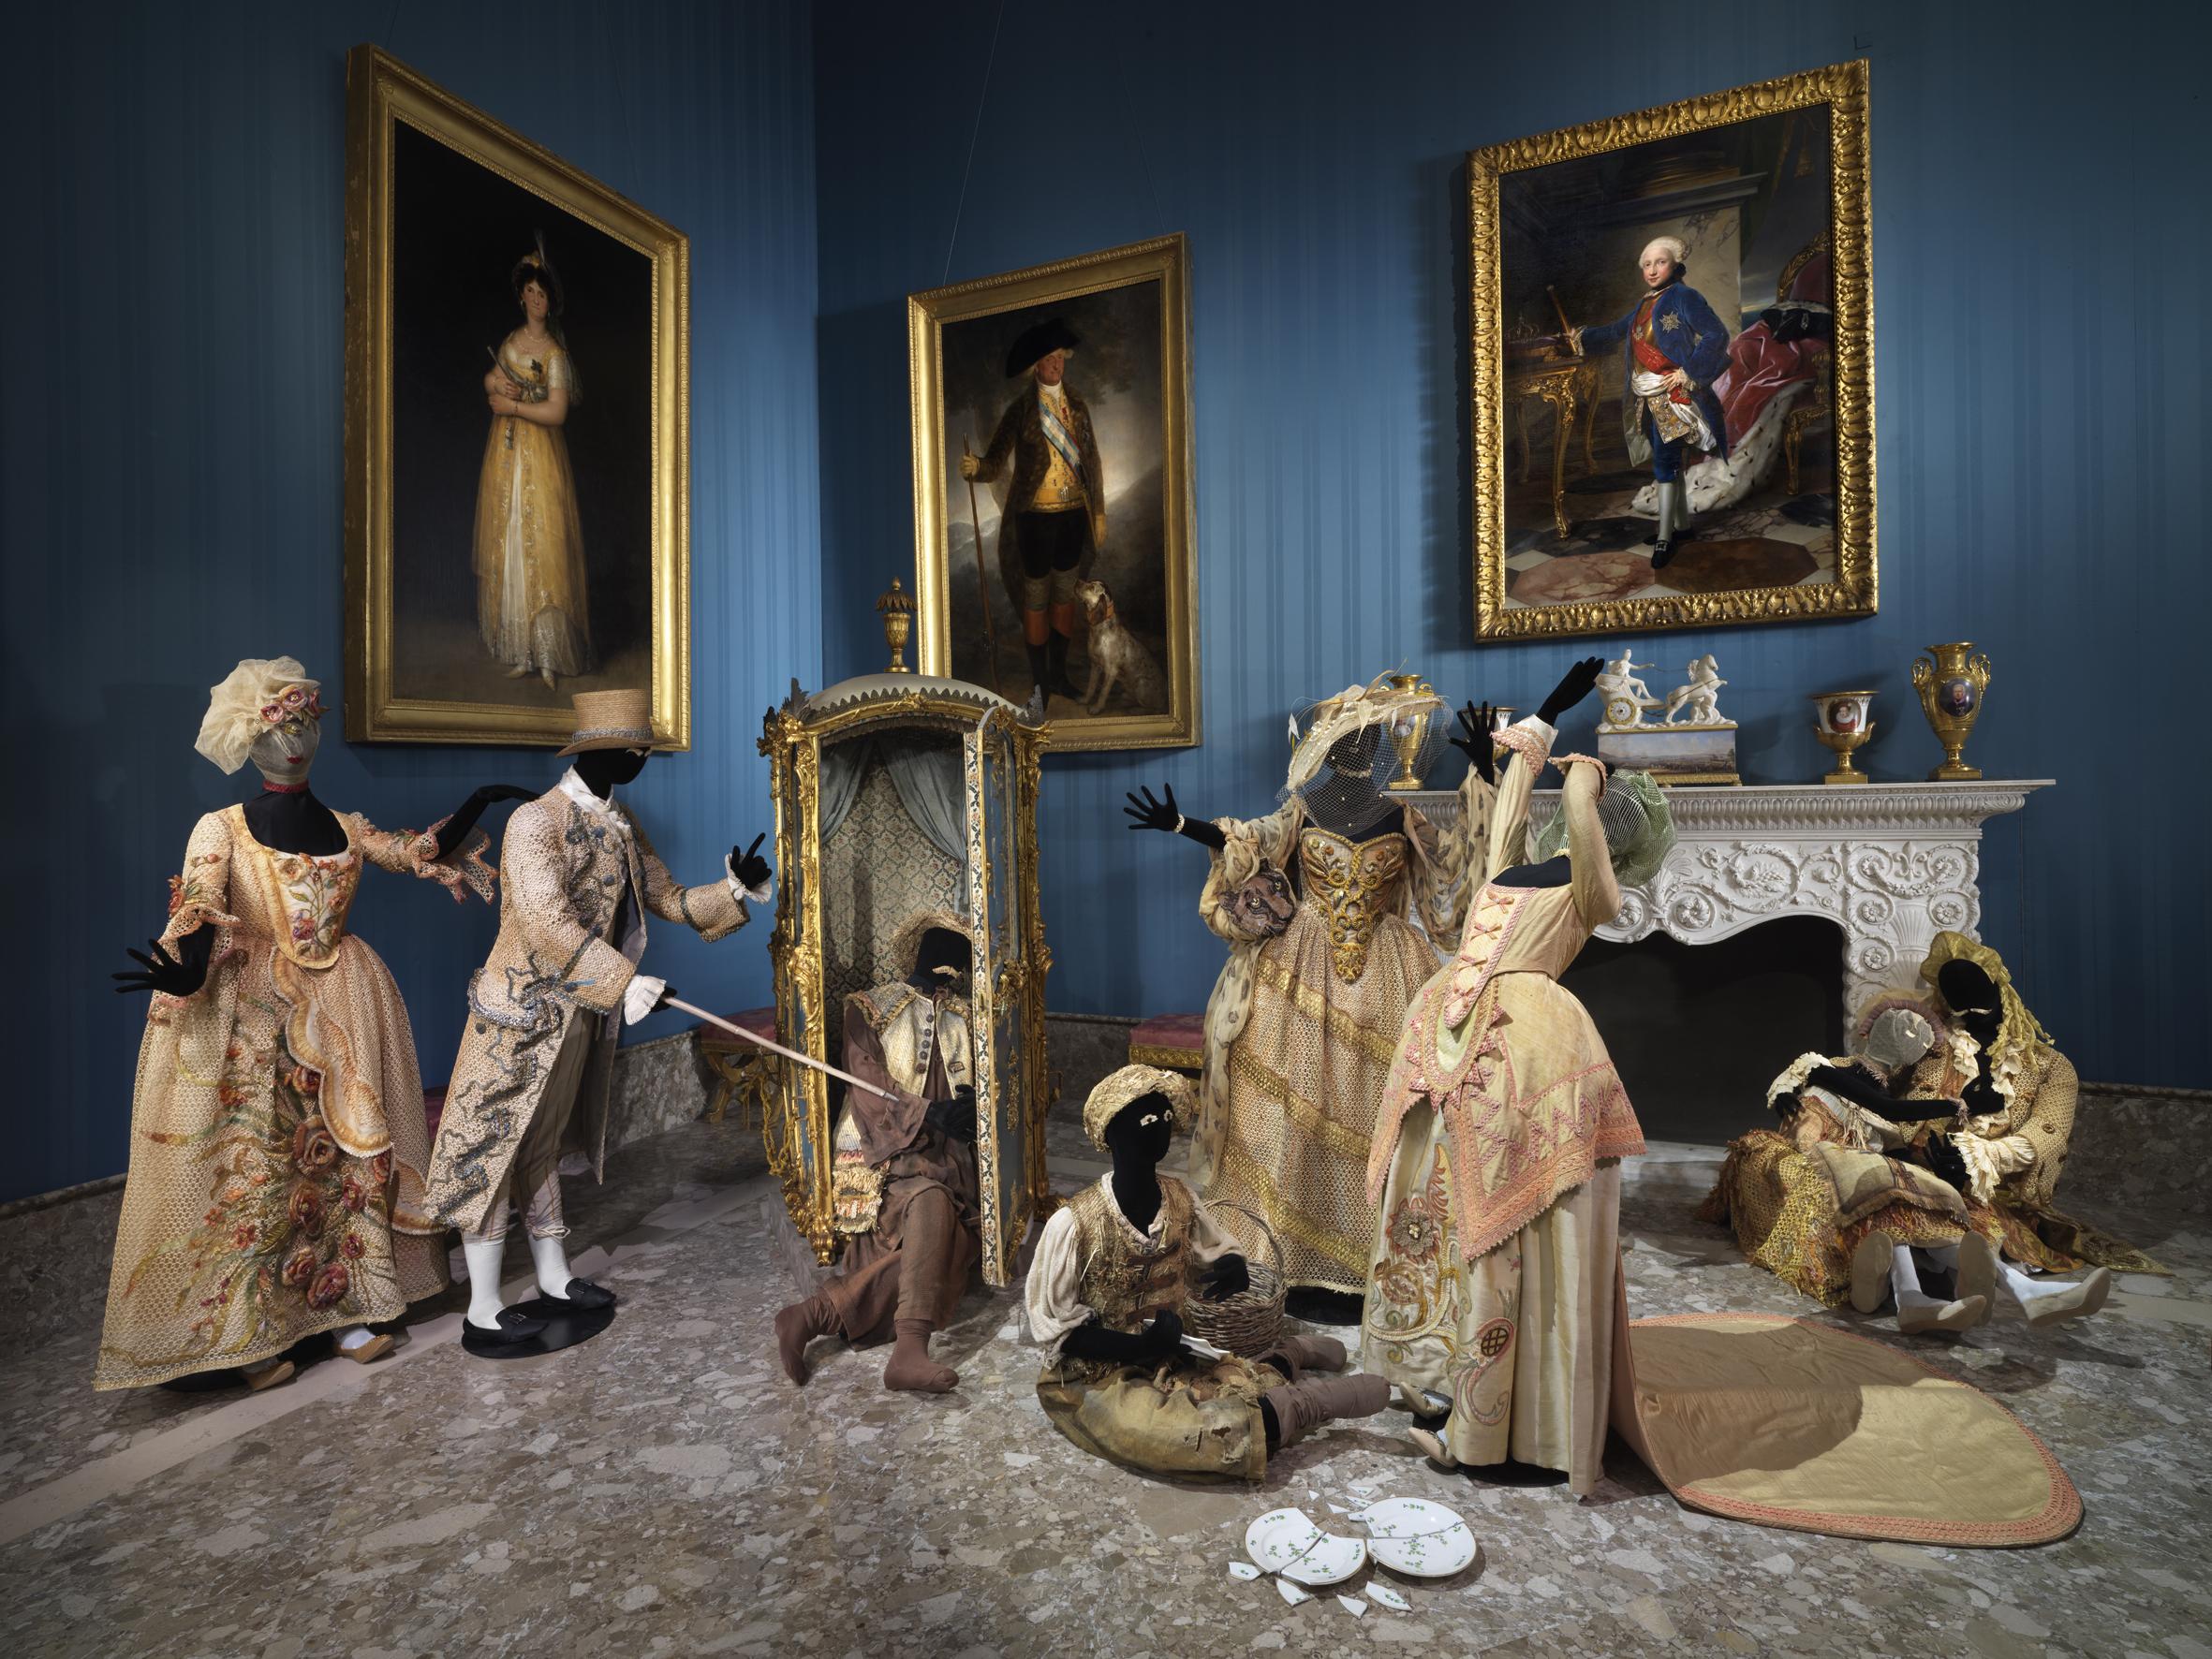 Lava, porcellana e musica: l'essenza di Napoli in mostra a Capodimonte